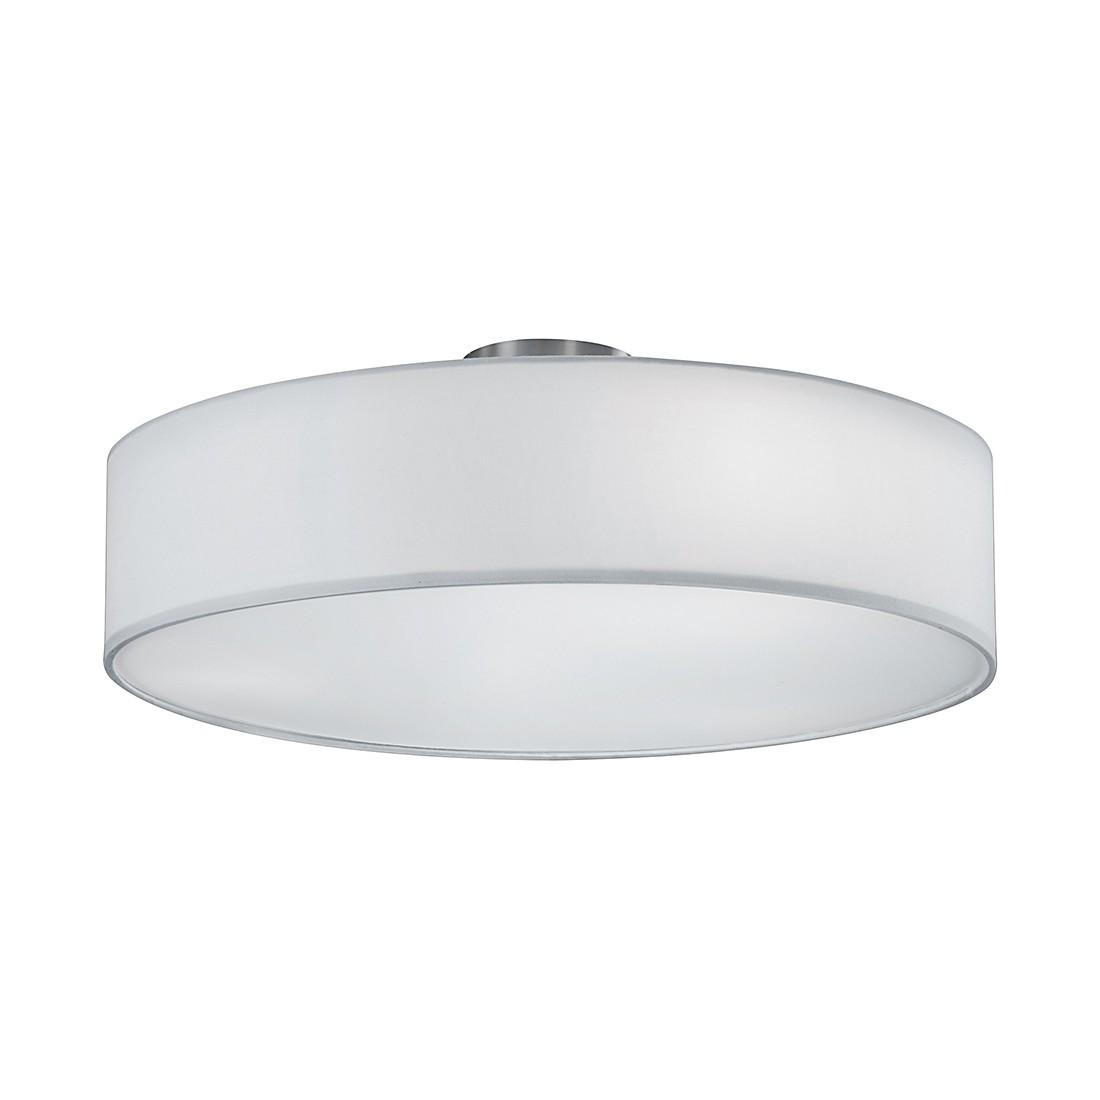 EEK A++, Plafonnier Summa - Blanc 1 ampoule, Loistaa